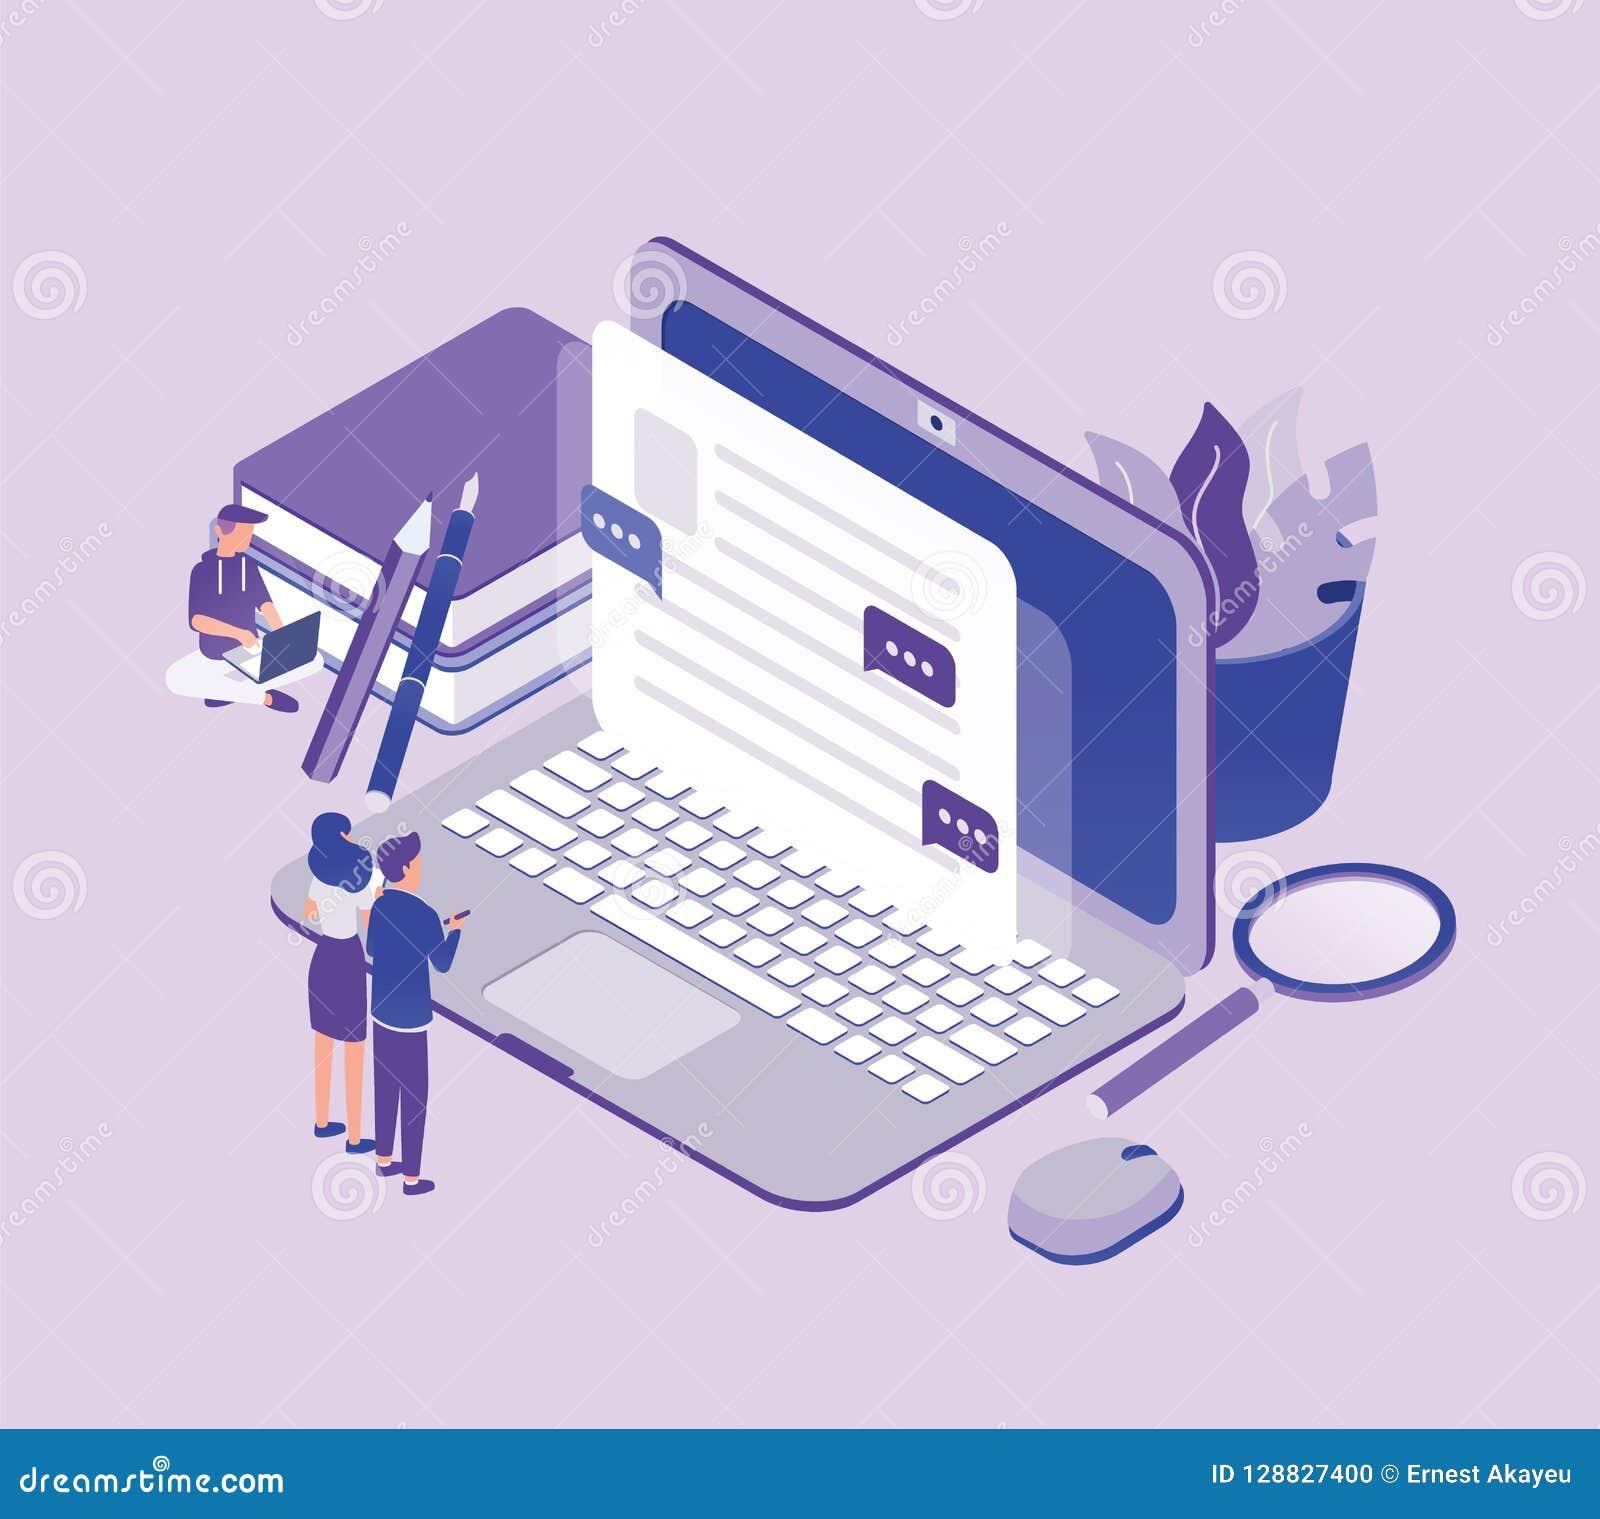 Kleine Leute, die vor riesiger Laptop-Computer stehen und Text auf Schirm betrachten Konzept von Copywriting, digital